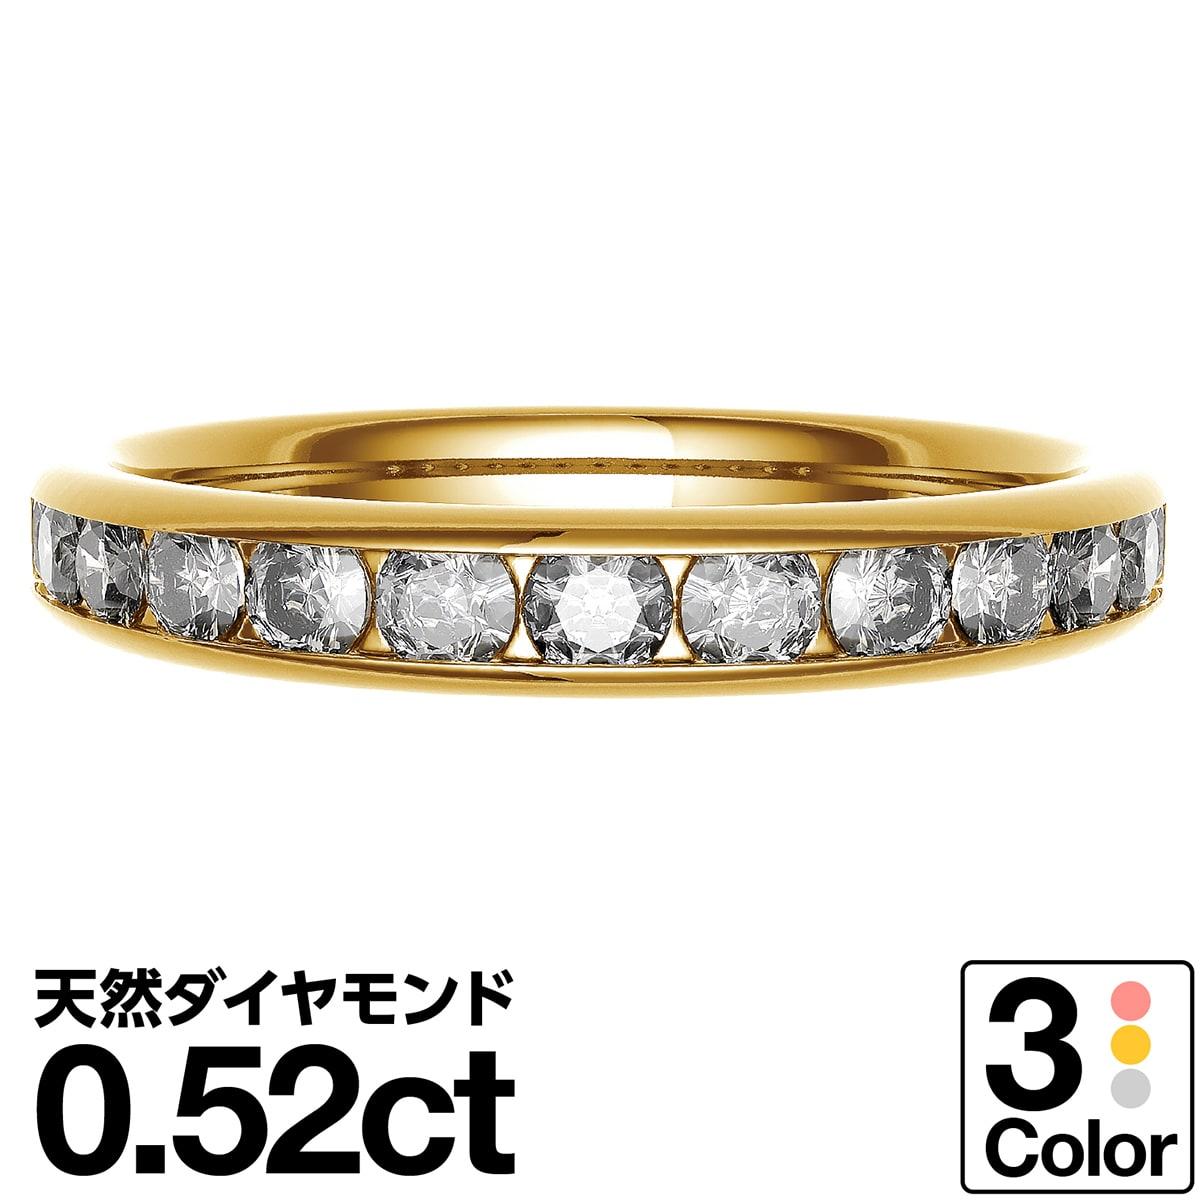 【送料無料】 エタニティ リング ダイヤモンド k10 イエローゴールド/ホワイトゴールド/ピンクゴールド ファッションリング 品質保証書 金属アレルギー 日本製 誕生日 ギフト